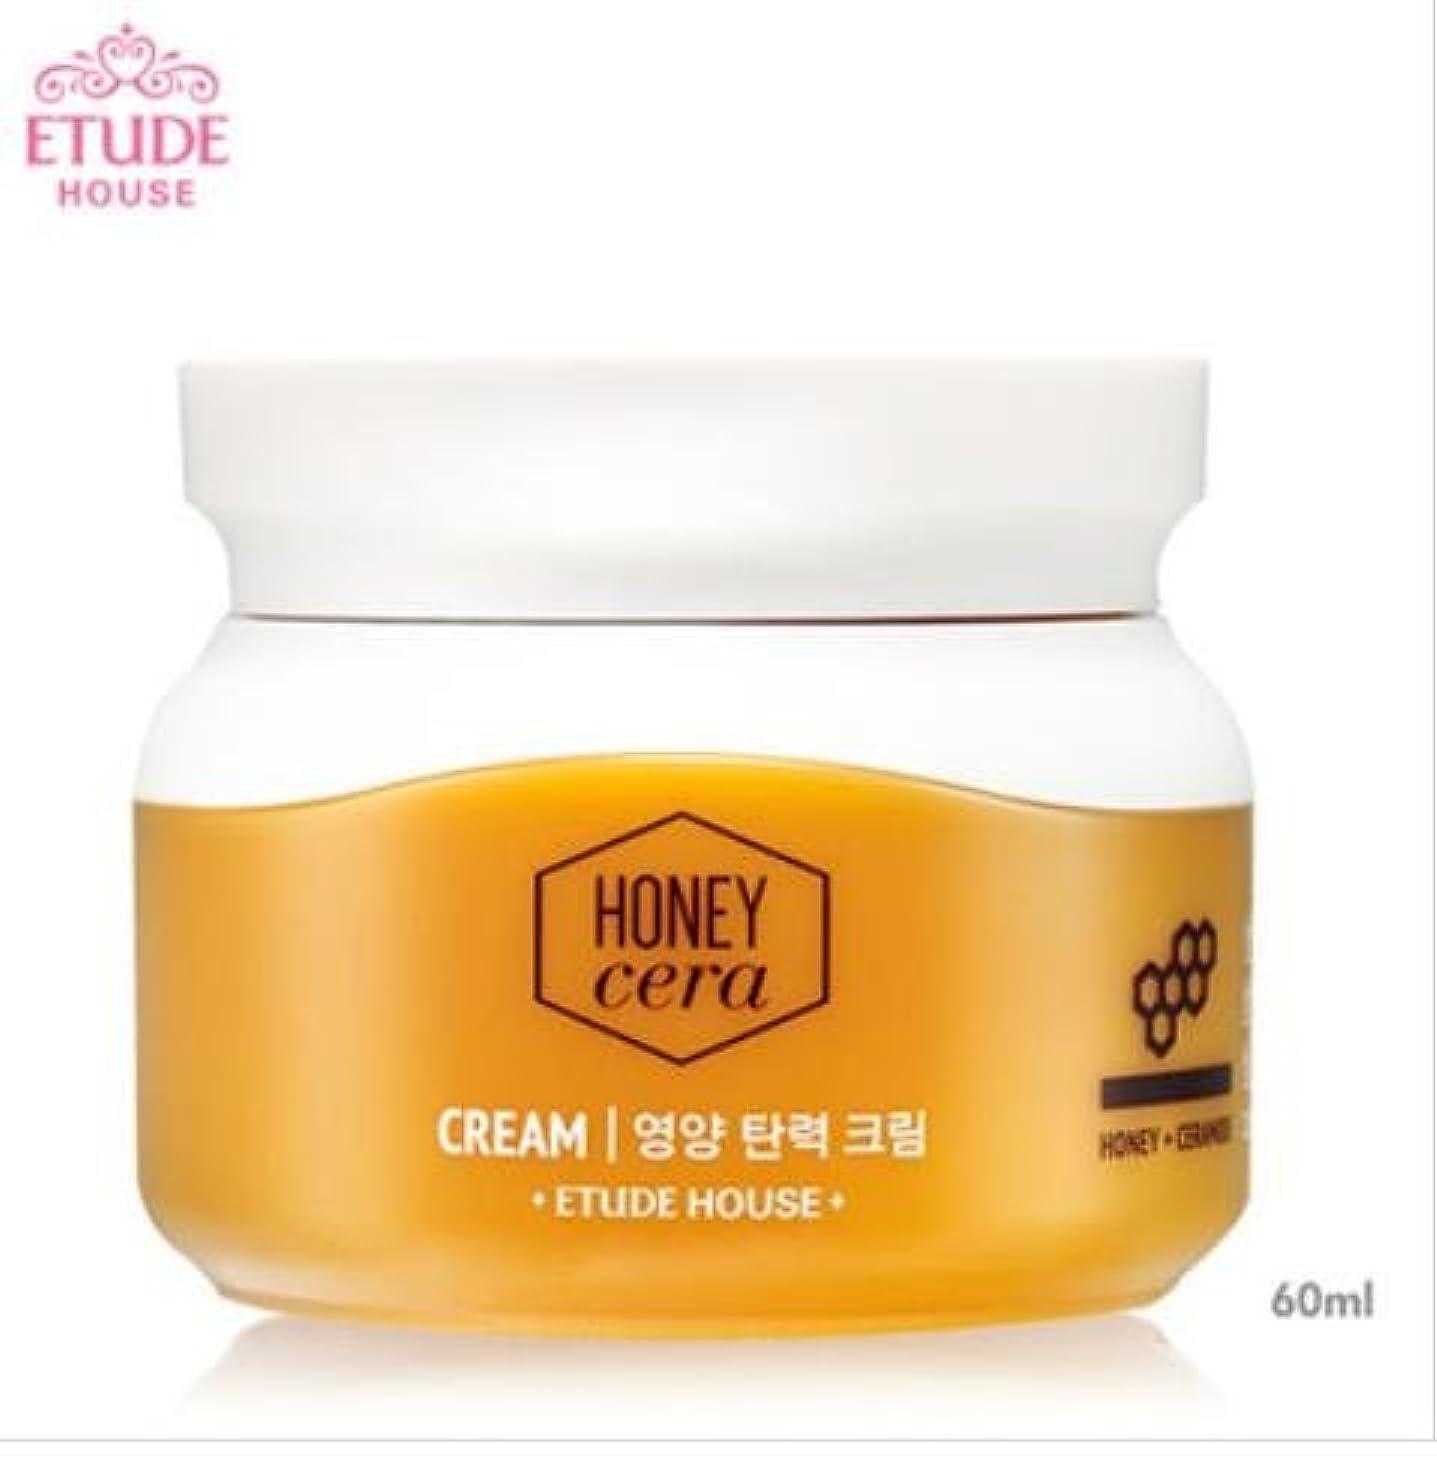 ペック驚いたことに言語[エチュードハウス] ETUDE HOUSE [ハニーセラ 栄養弾力 クリーム 60ml](Honey Sarah nutrition elastic Cream 60ml) [並行輸入品]